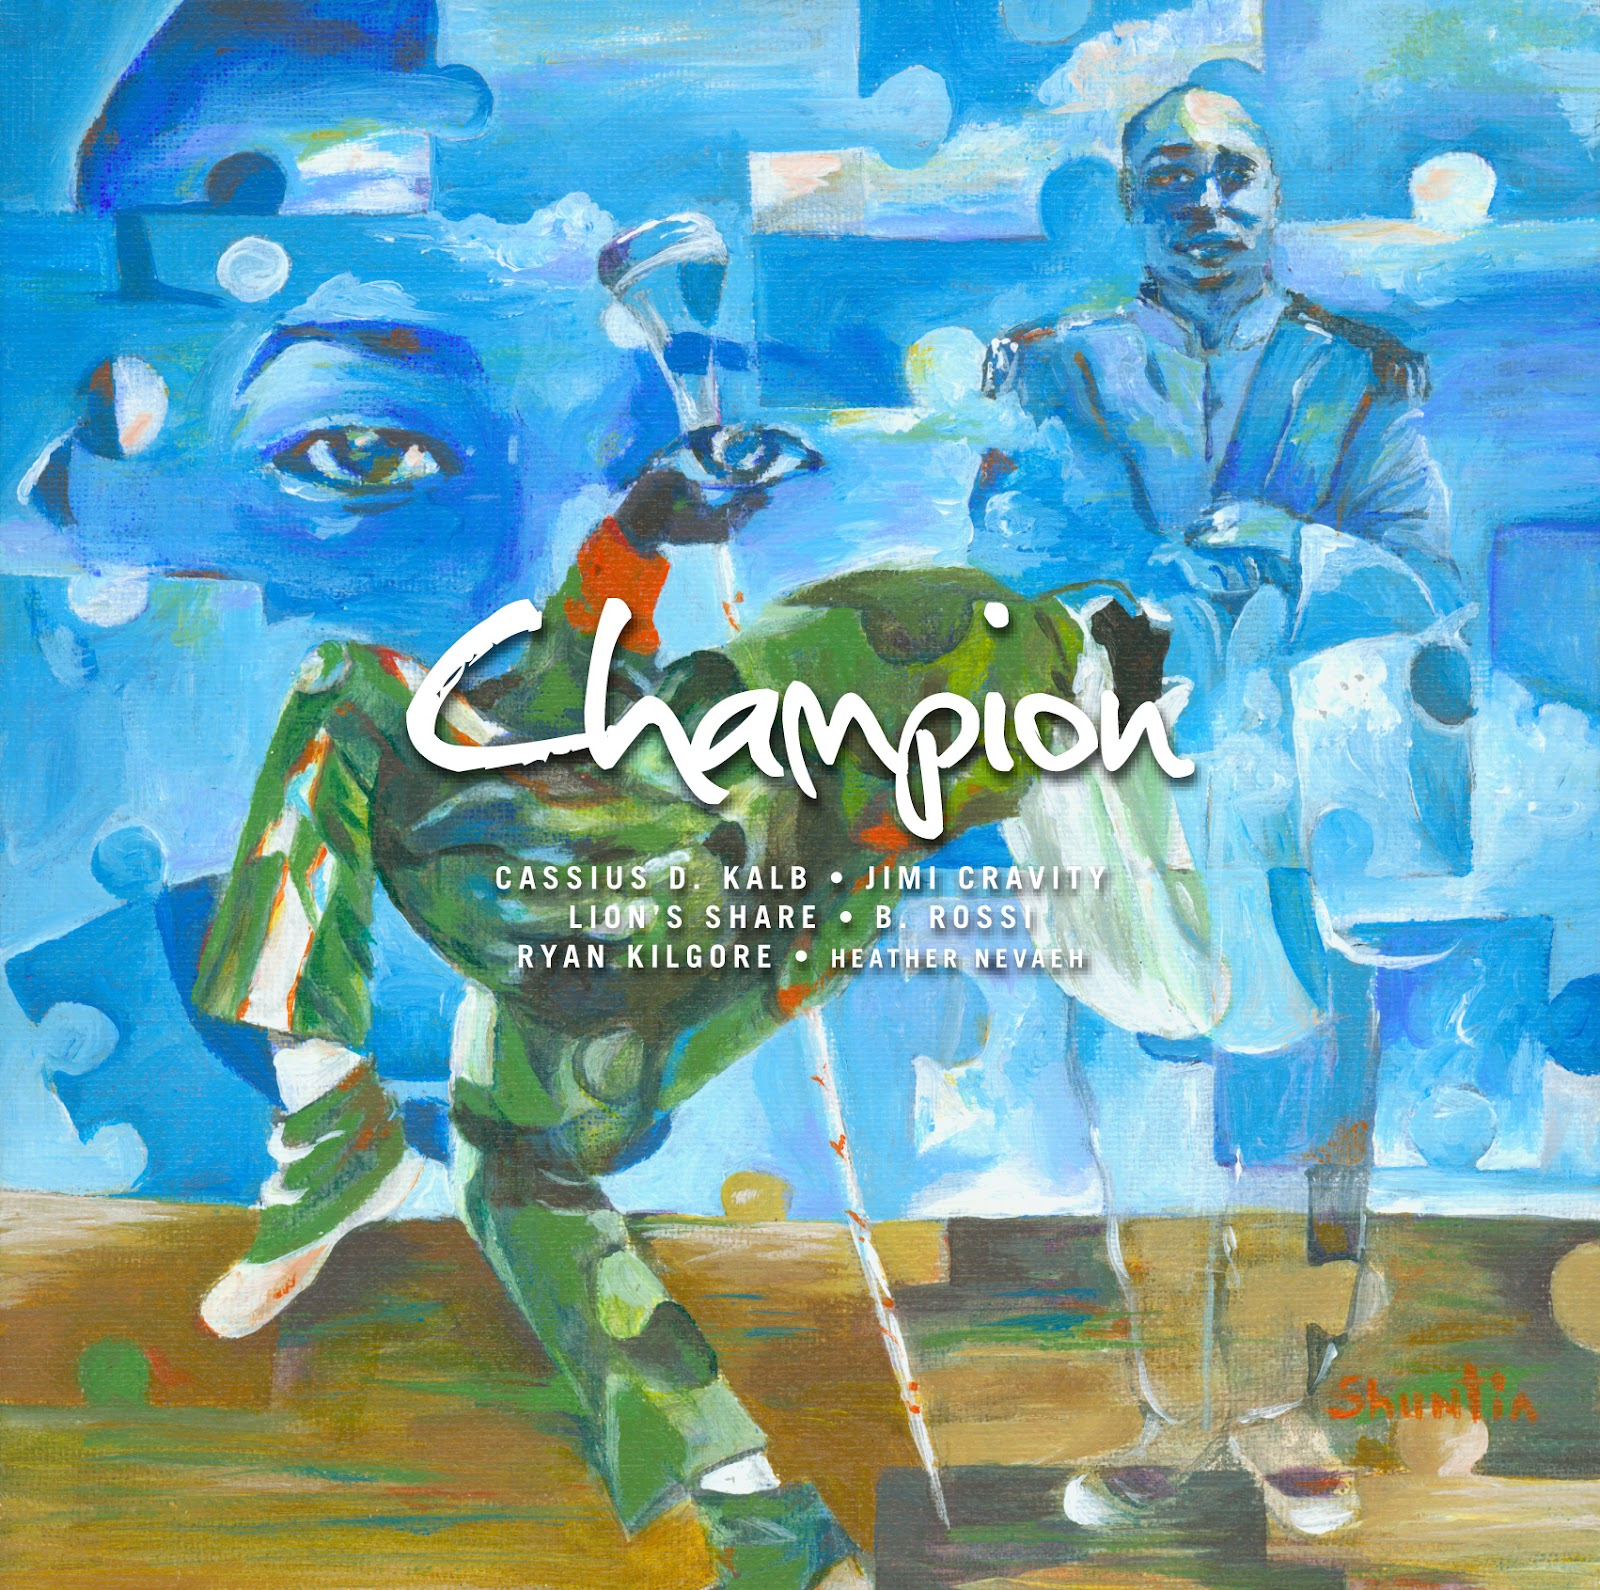 http://4.bp.blogspot.com/-qSQtCDKbGA0/T1i83qlUajI/AAAAAAAABUs/F_ph6tCBCdw/s1600/Champion+Album+Artwork+%281%29.jpg